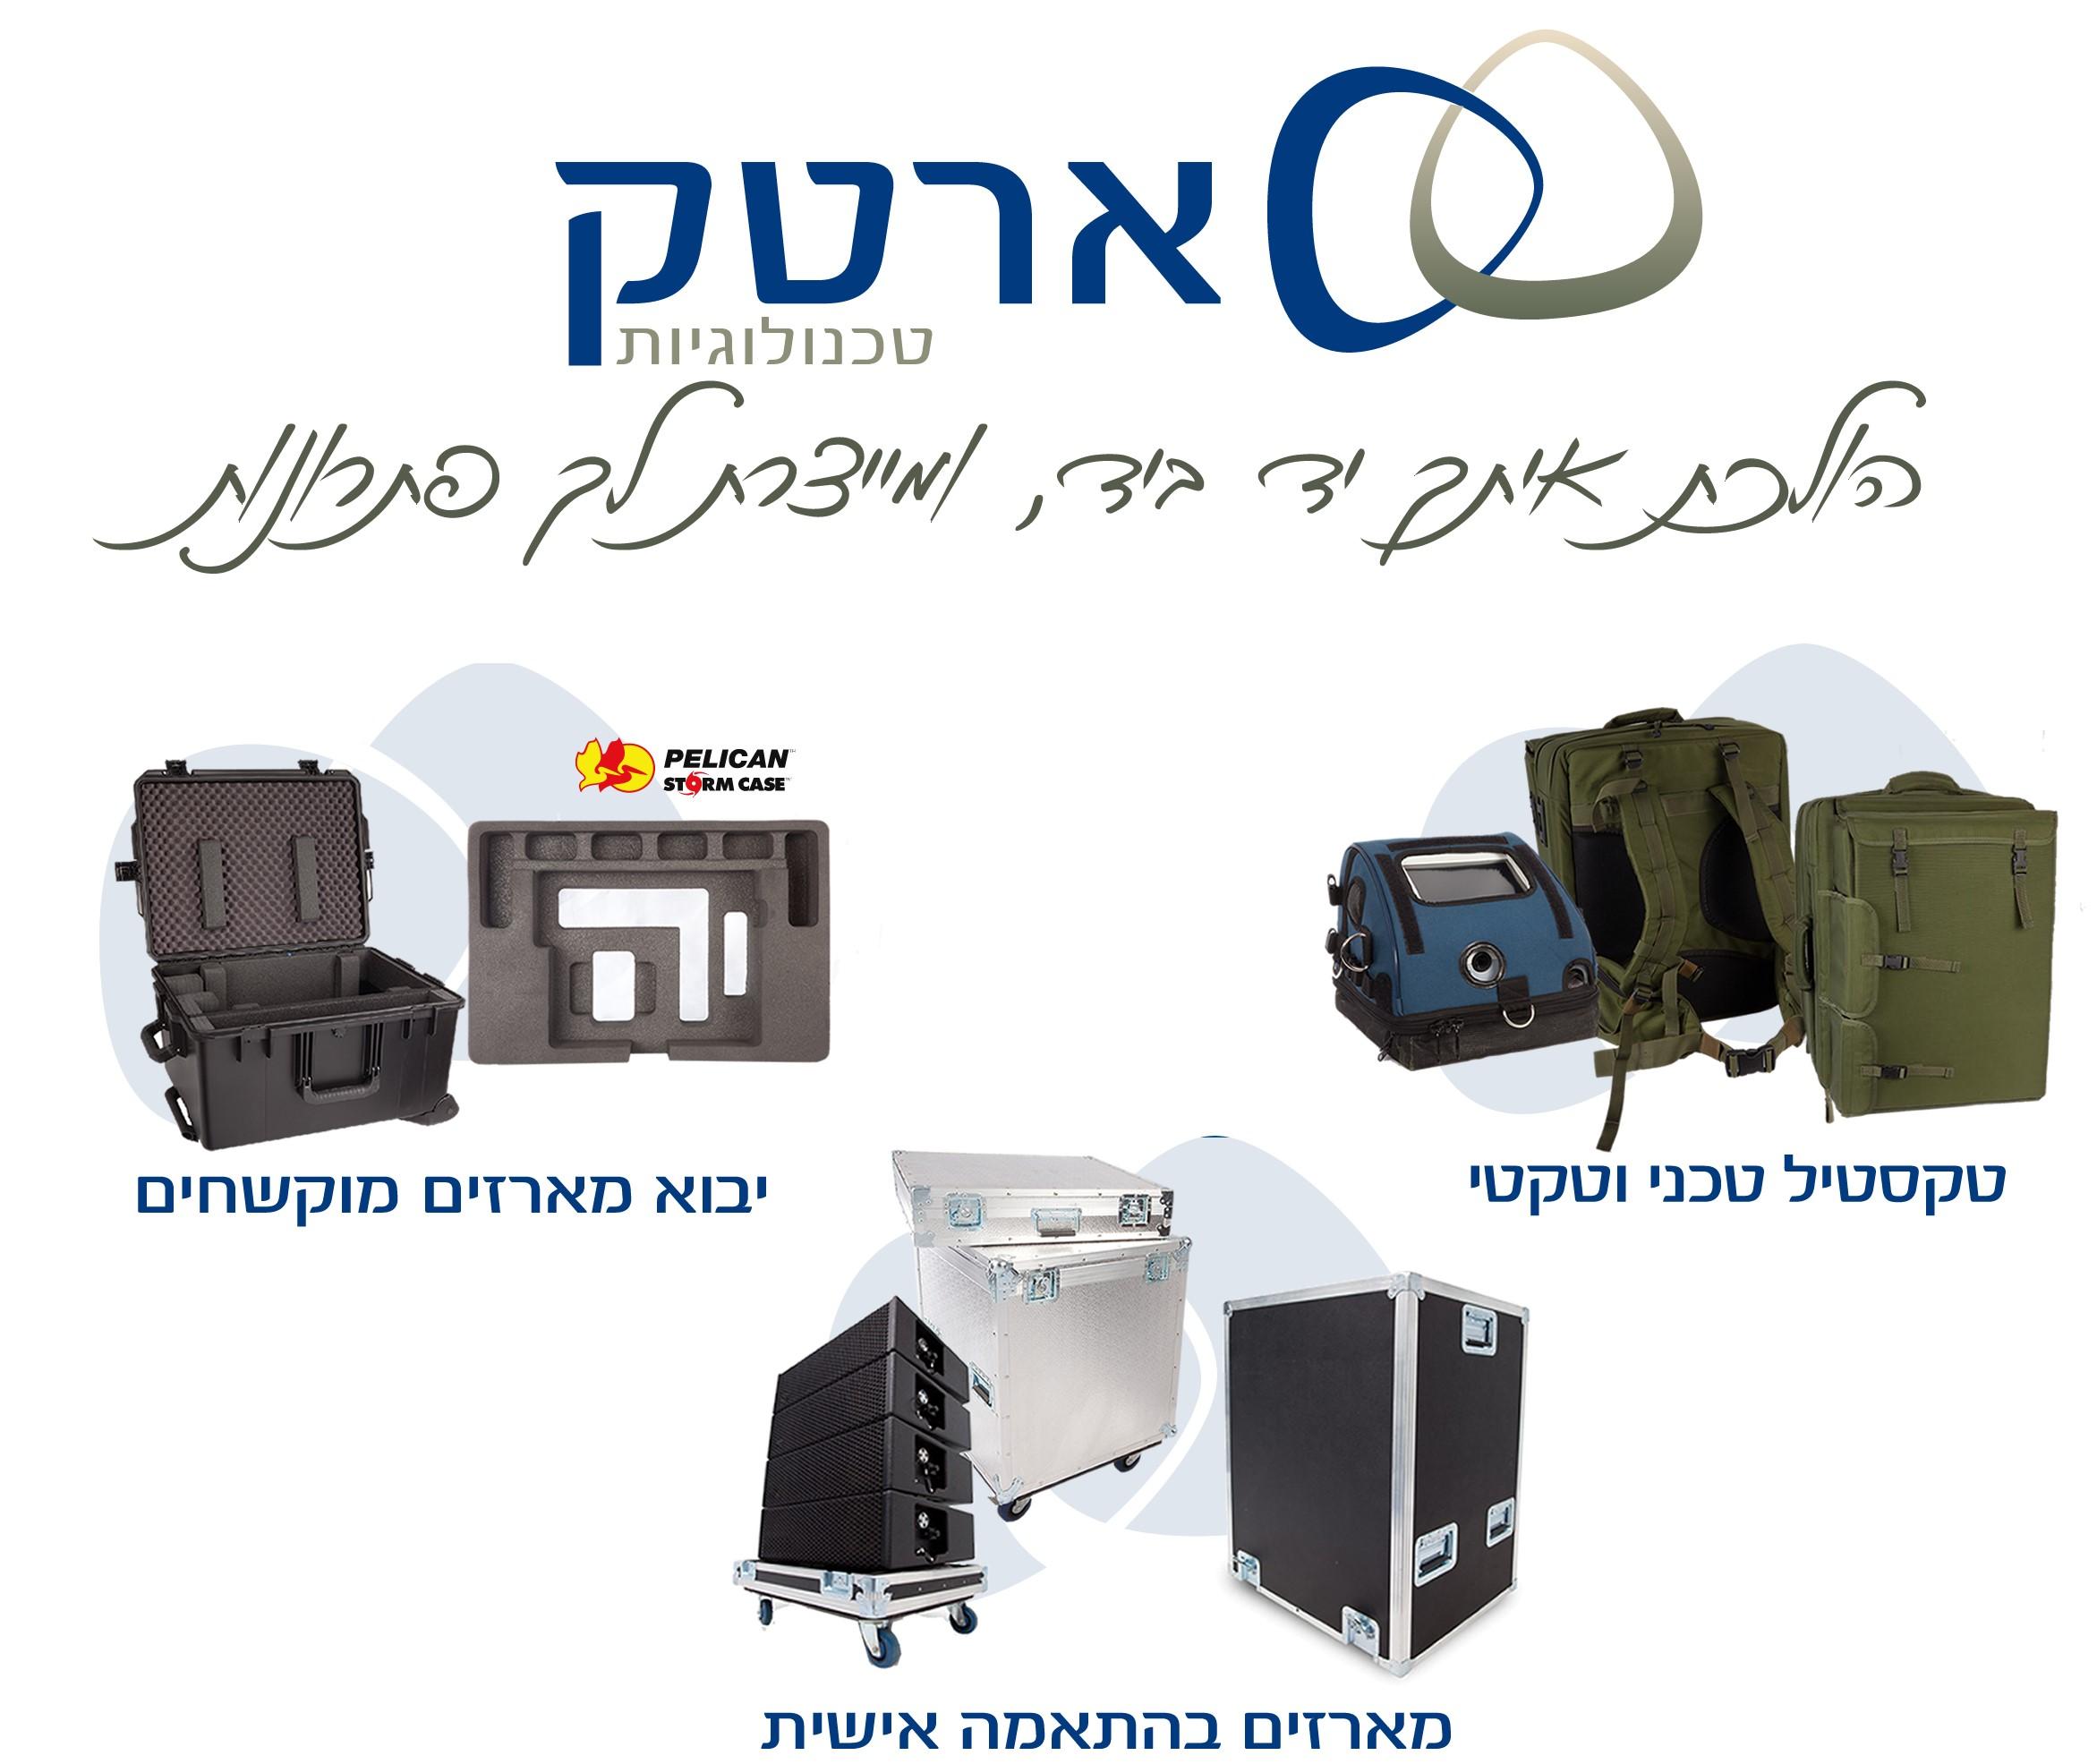 """מוצרים של ארטק טכנולוגיות. """"חייבים להשקיע בשירות אישי ומקצועי, דבר שהצרכן הישראלי מעריך ומוקיר"""""""